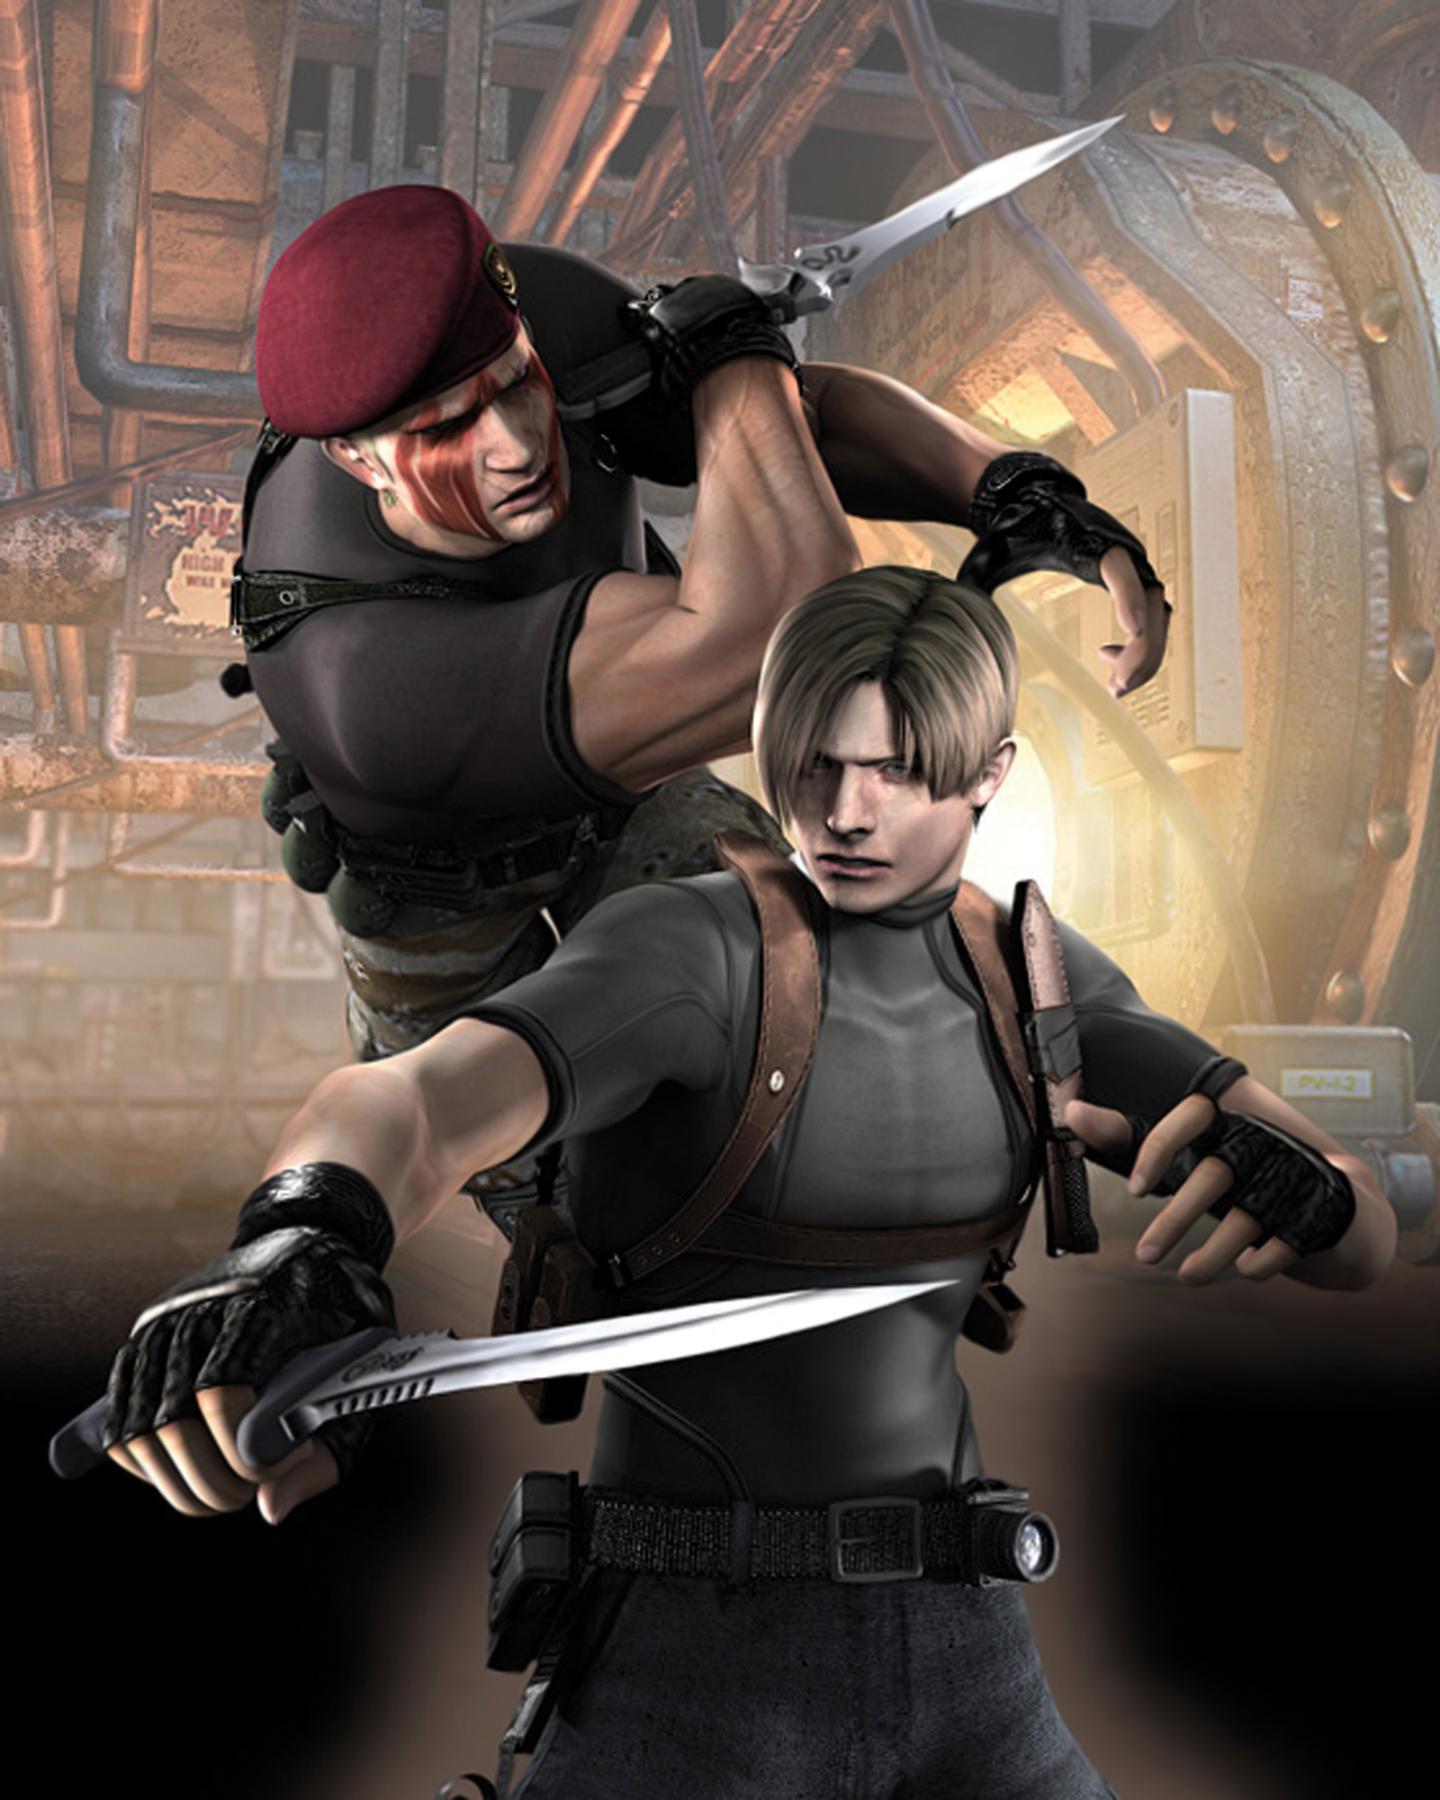 Krauser Vs Leon Resident Evil 4 Artwork Knife Fight Scene